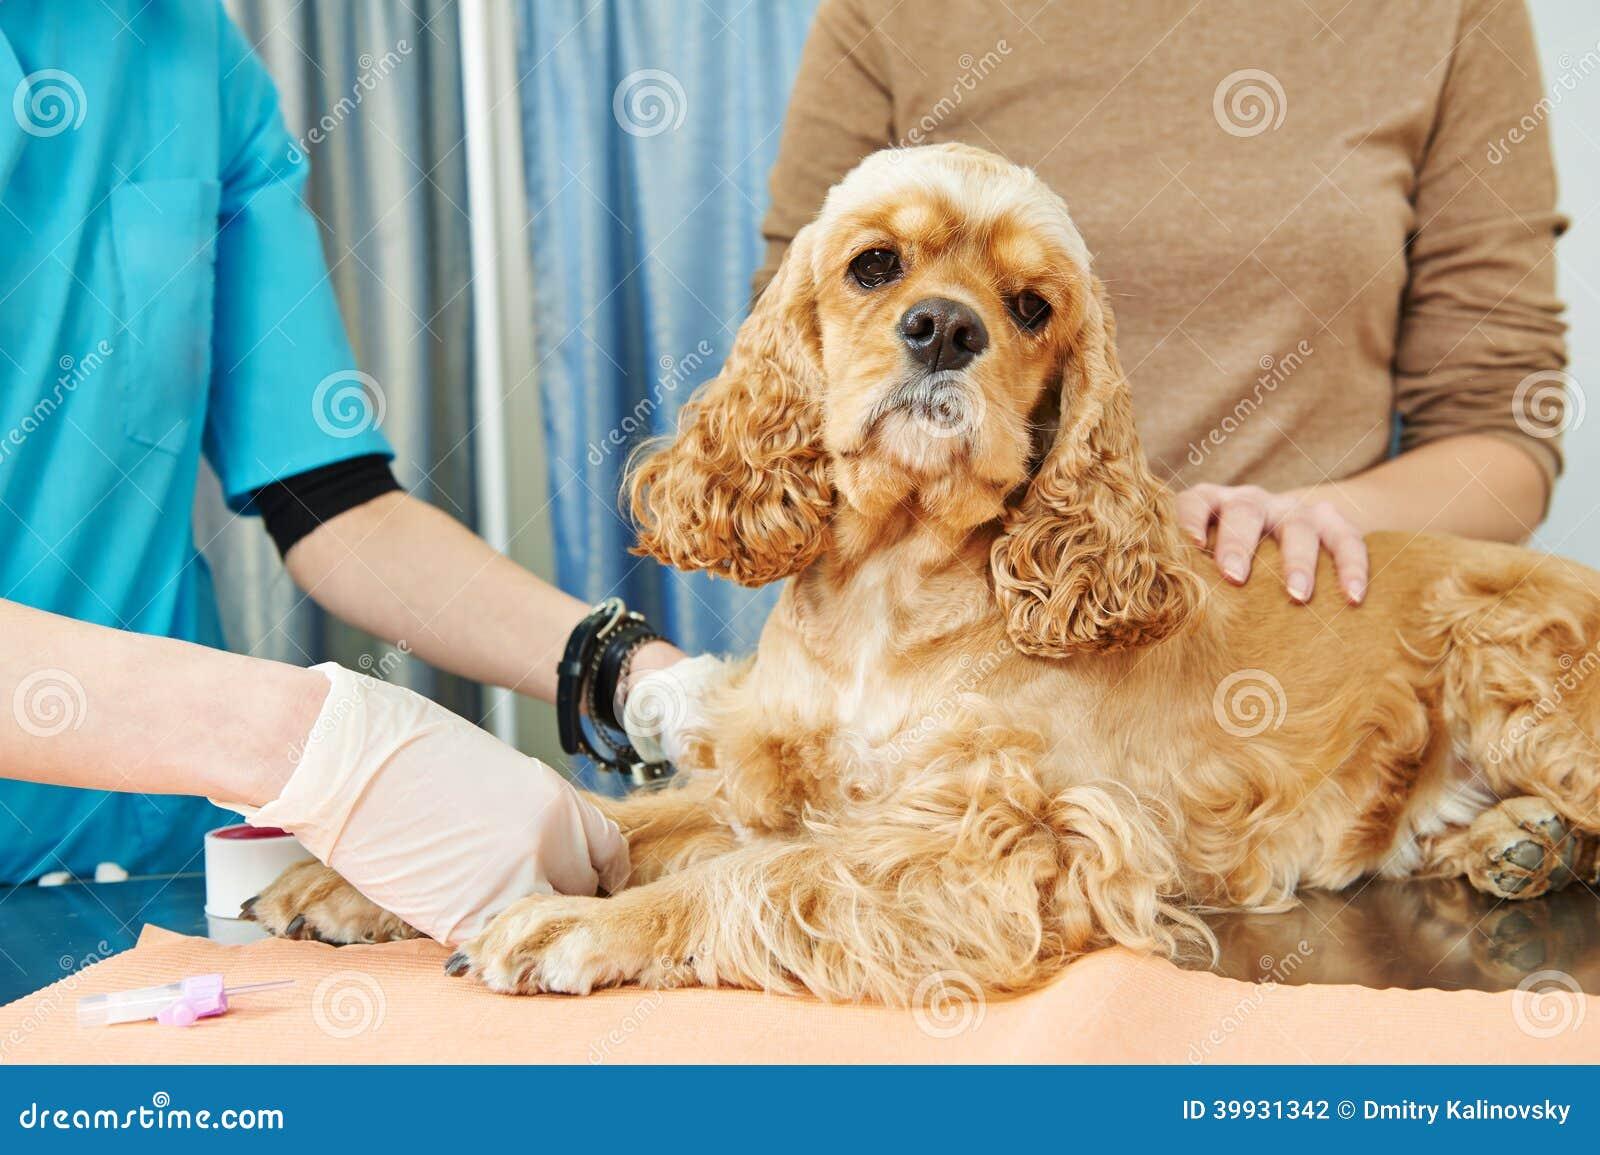 Ветеринарное рассмотрение анализа крови собаки